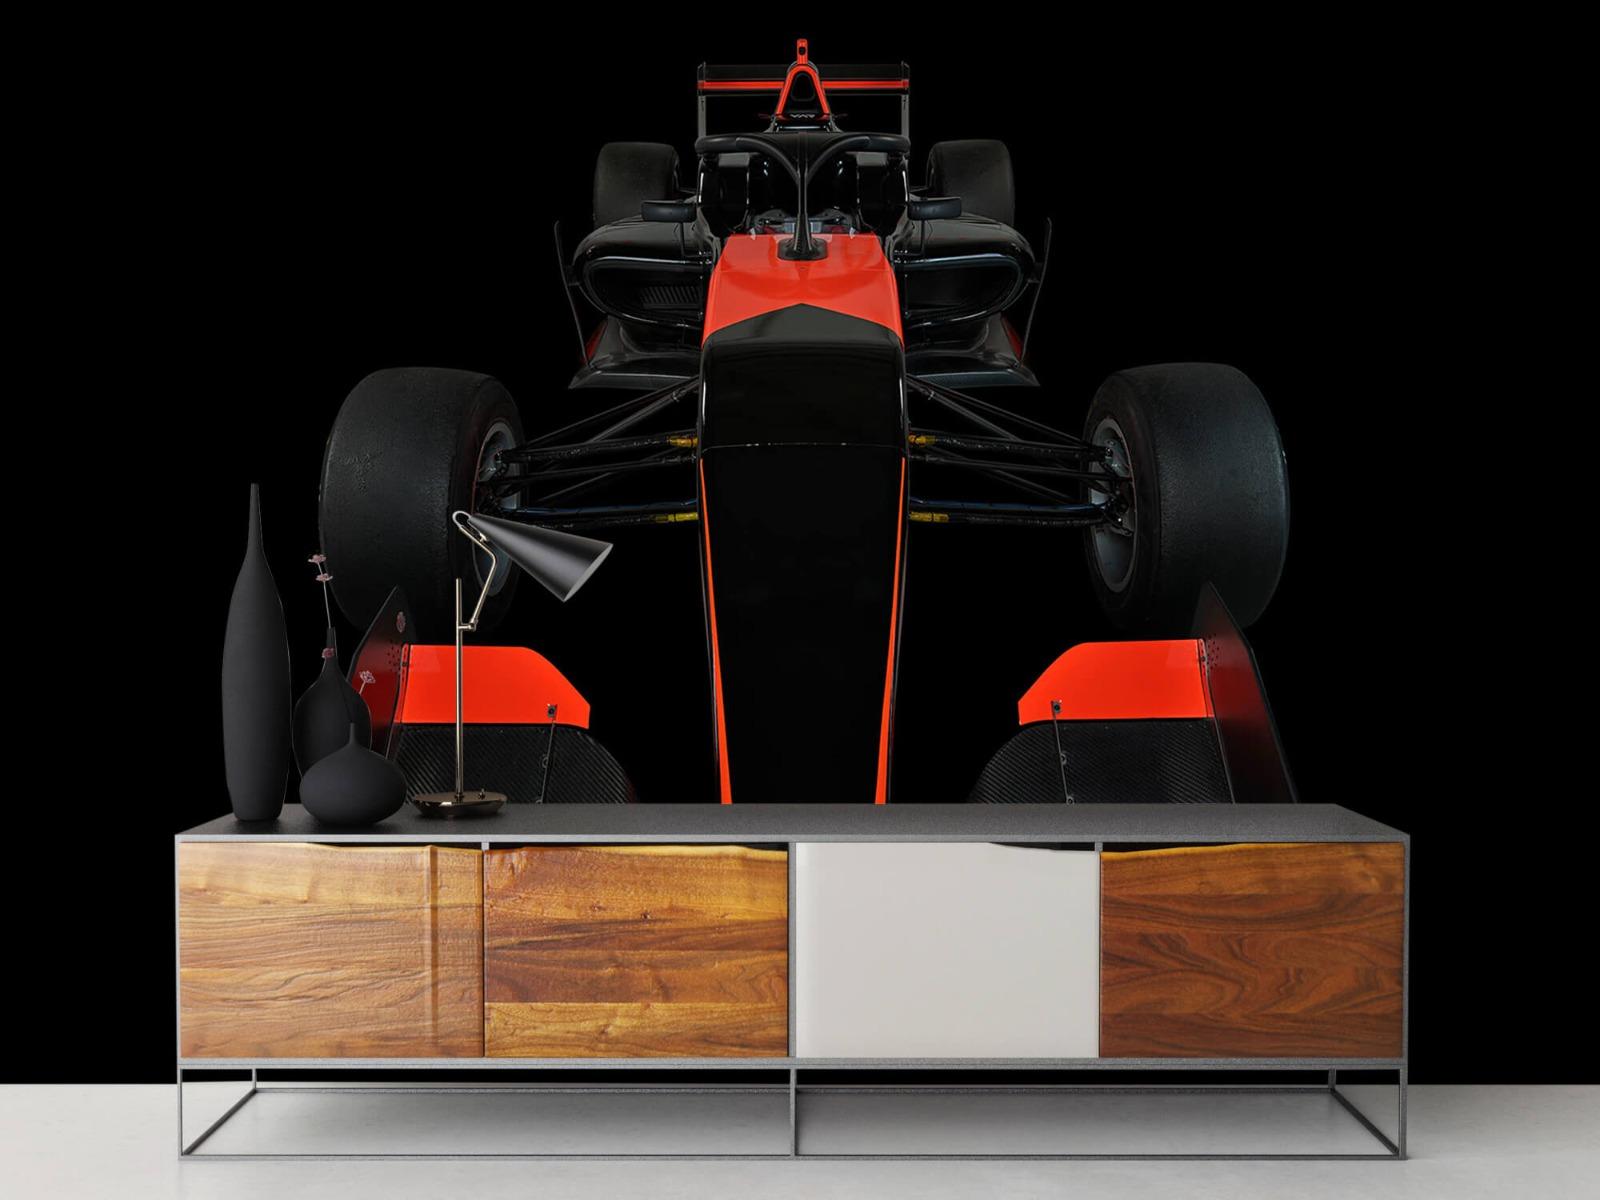 Sportauto's - Formule 3 - Front view - dark - Tienerkamer 17